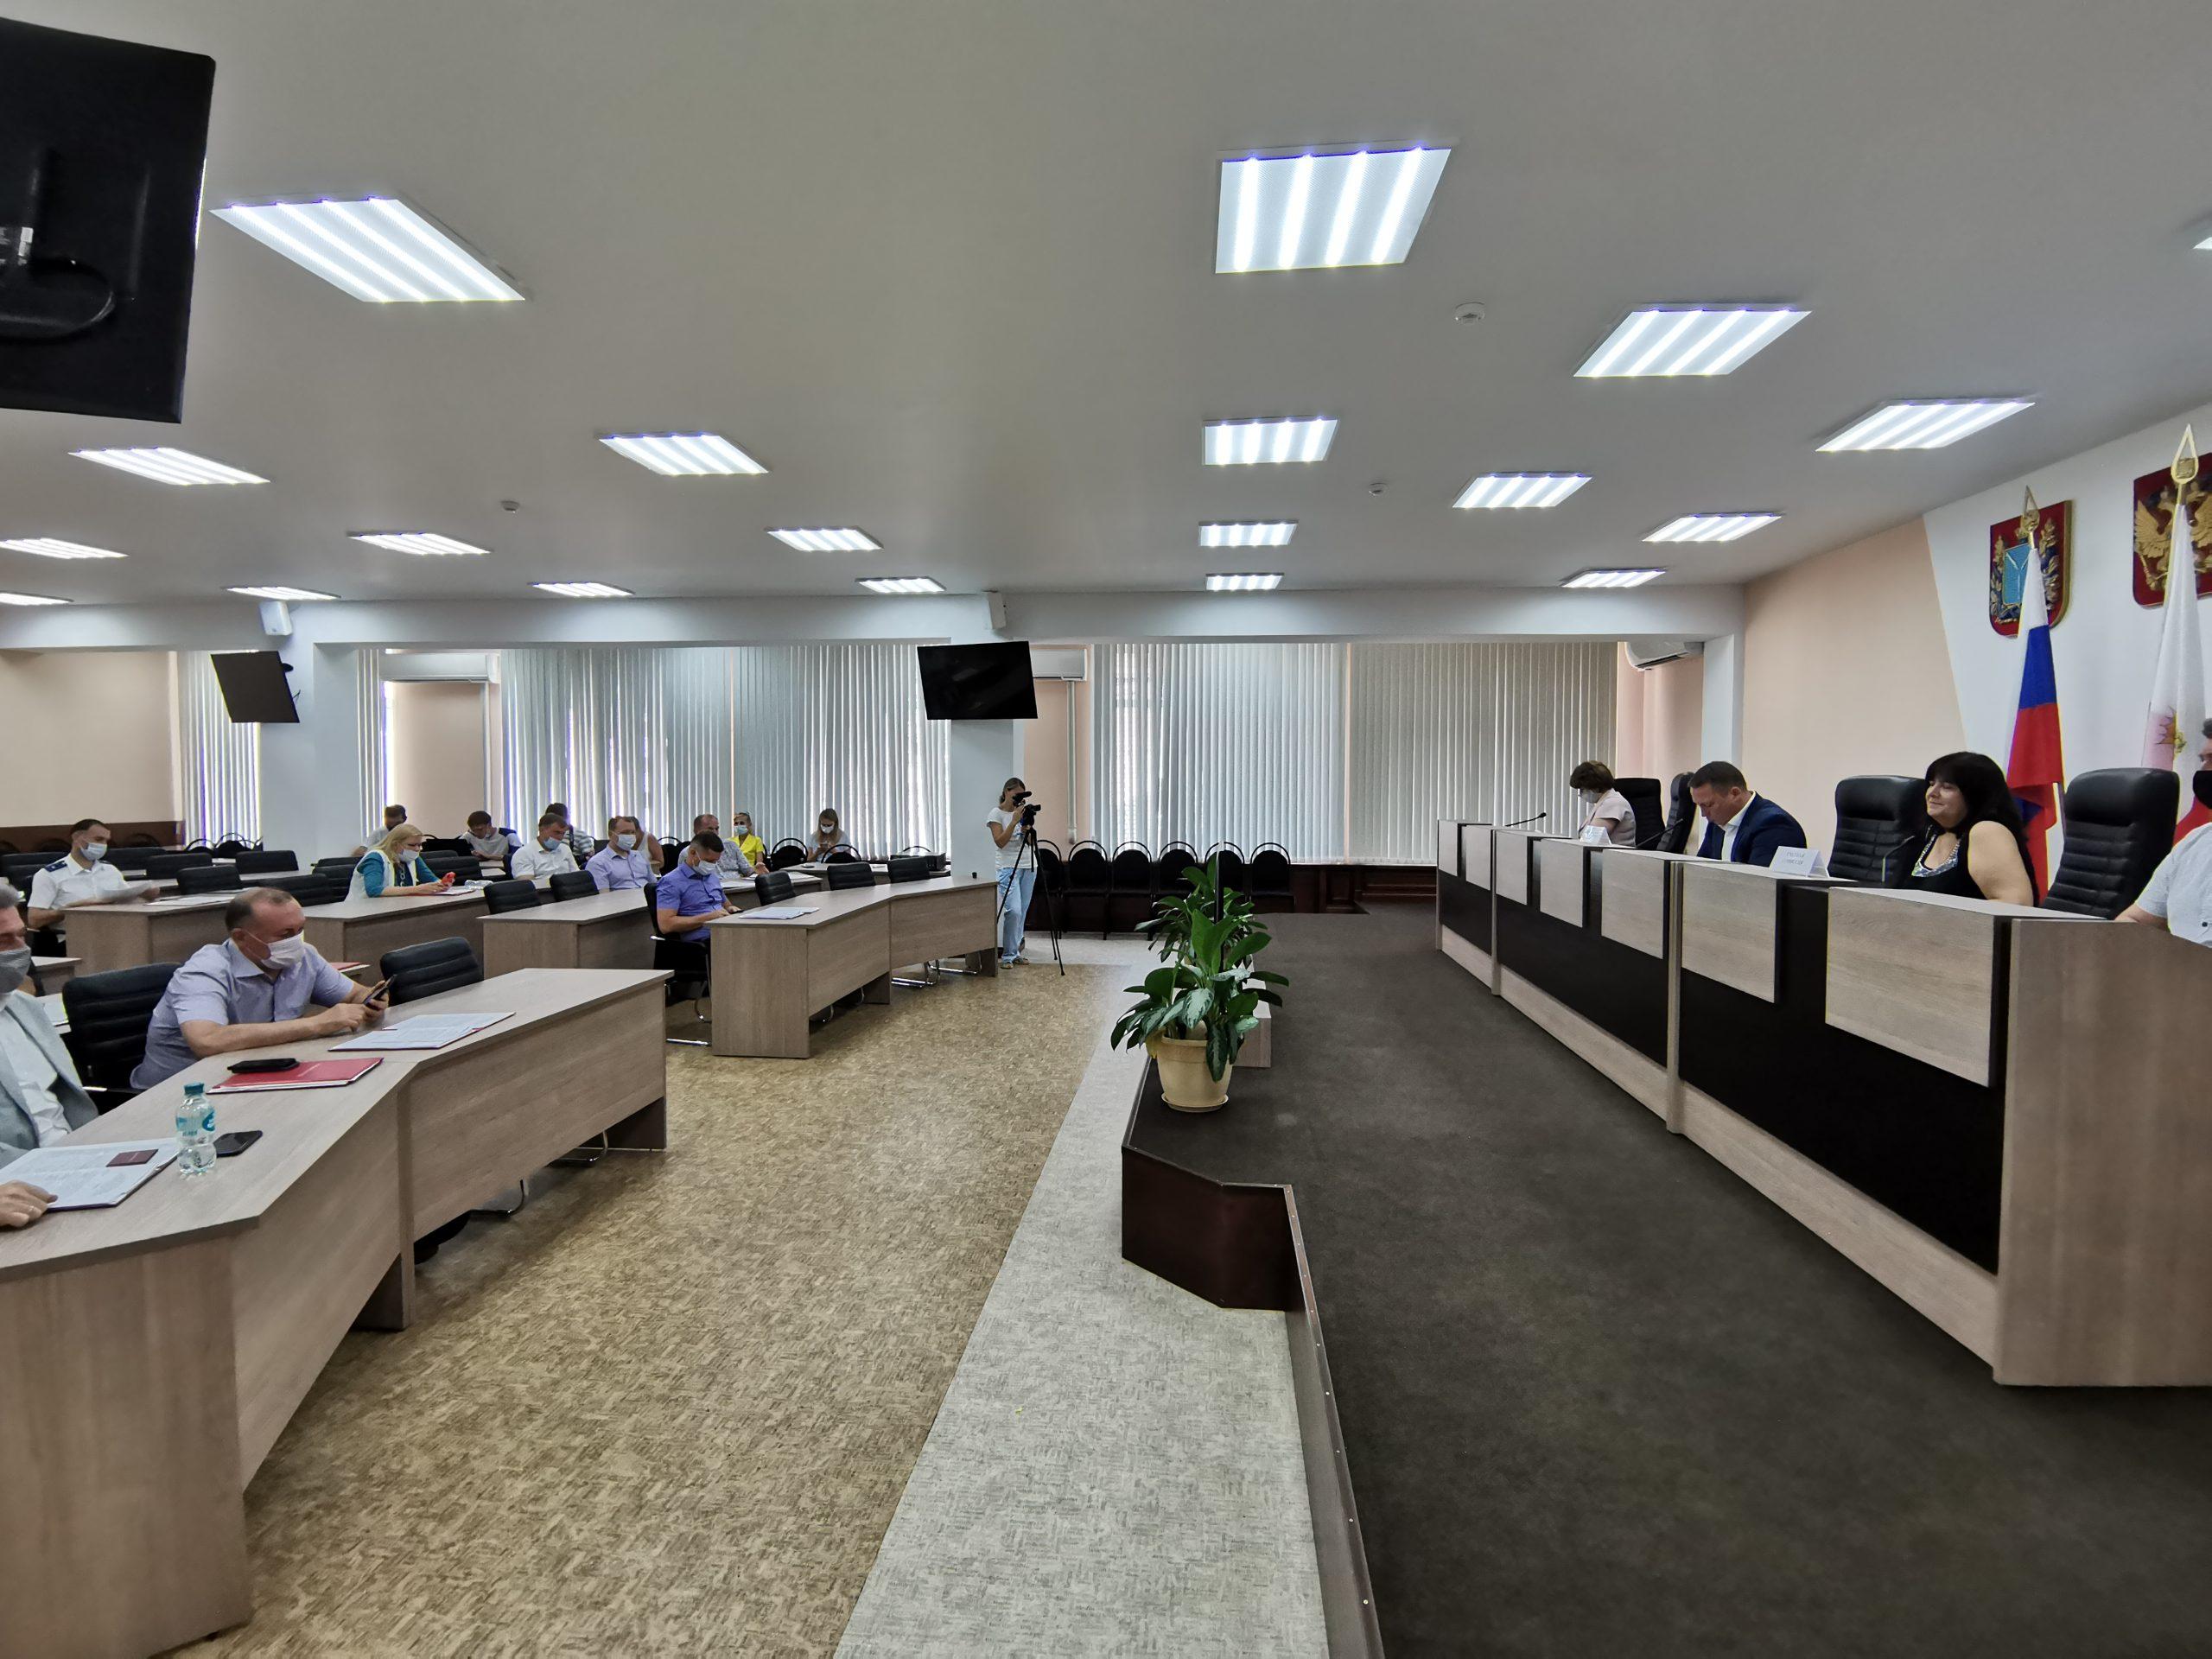 25 июня 2021 года состоялось заседание комитета и Совета МО город Балаково. Депутаты рассмотрели 7 вопросов: